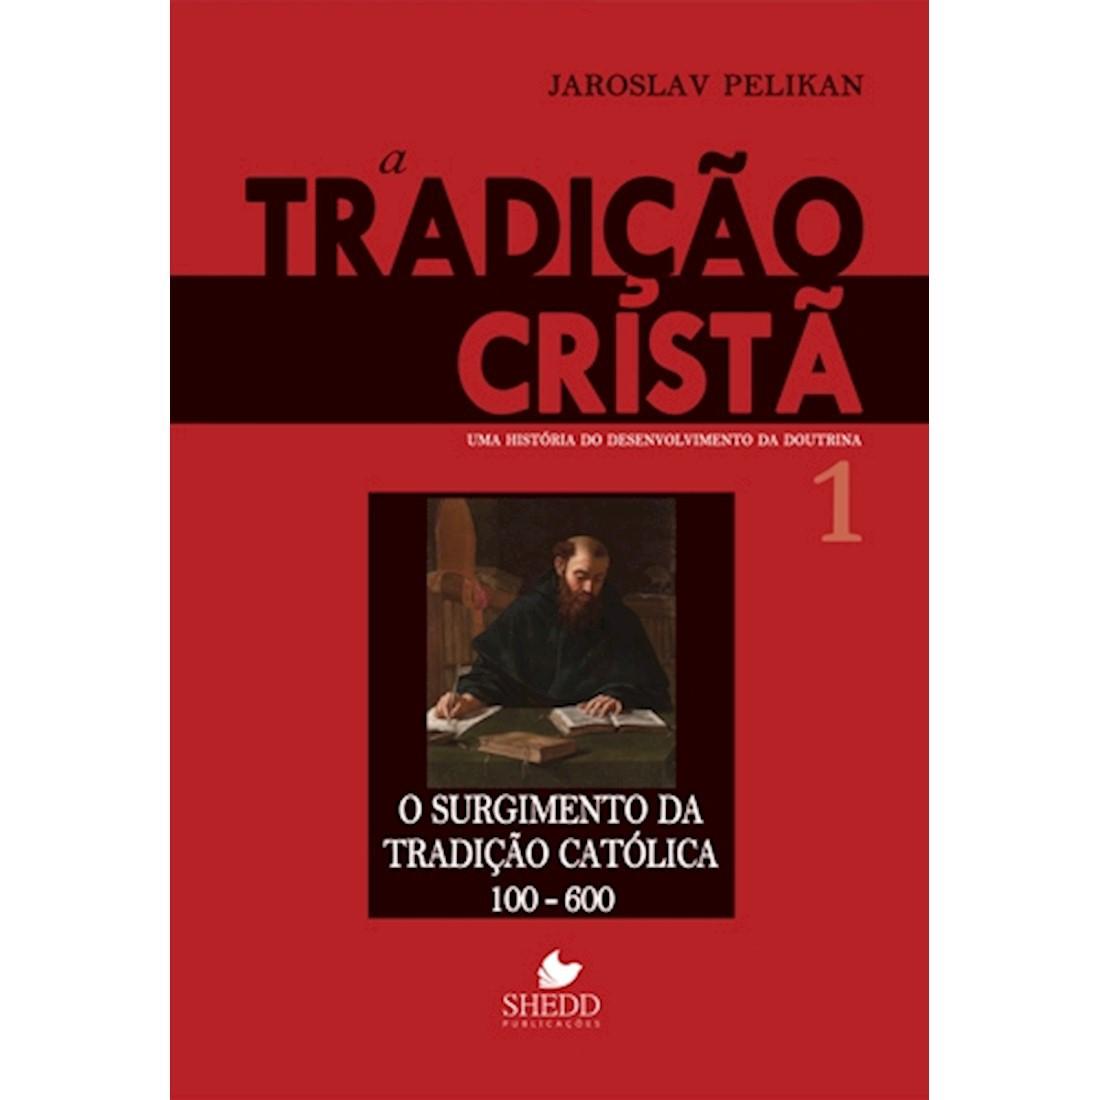 Livro A Tradição Cristã: Uma História do Desenvolvimento da Doutrina - Vol. 1